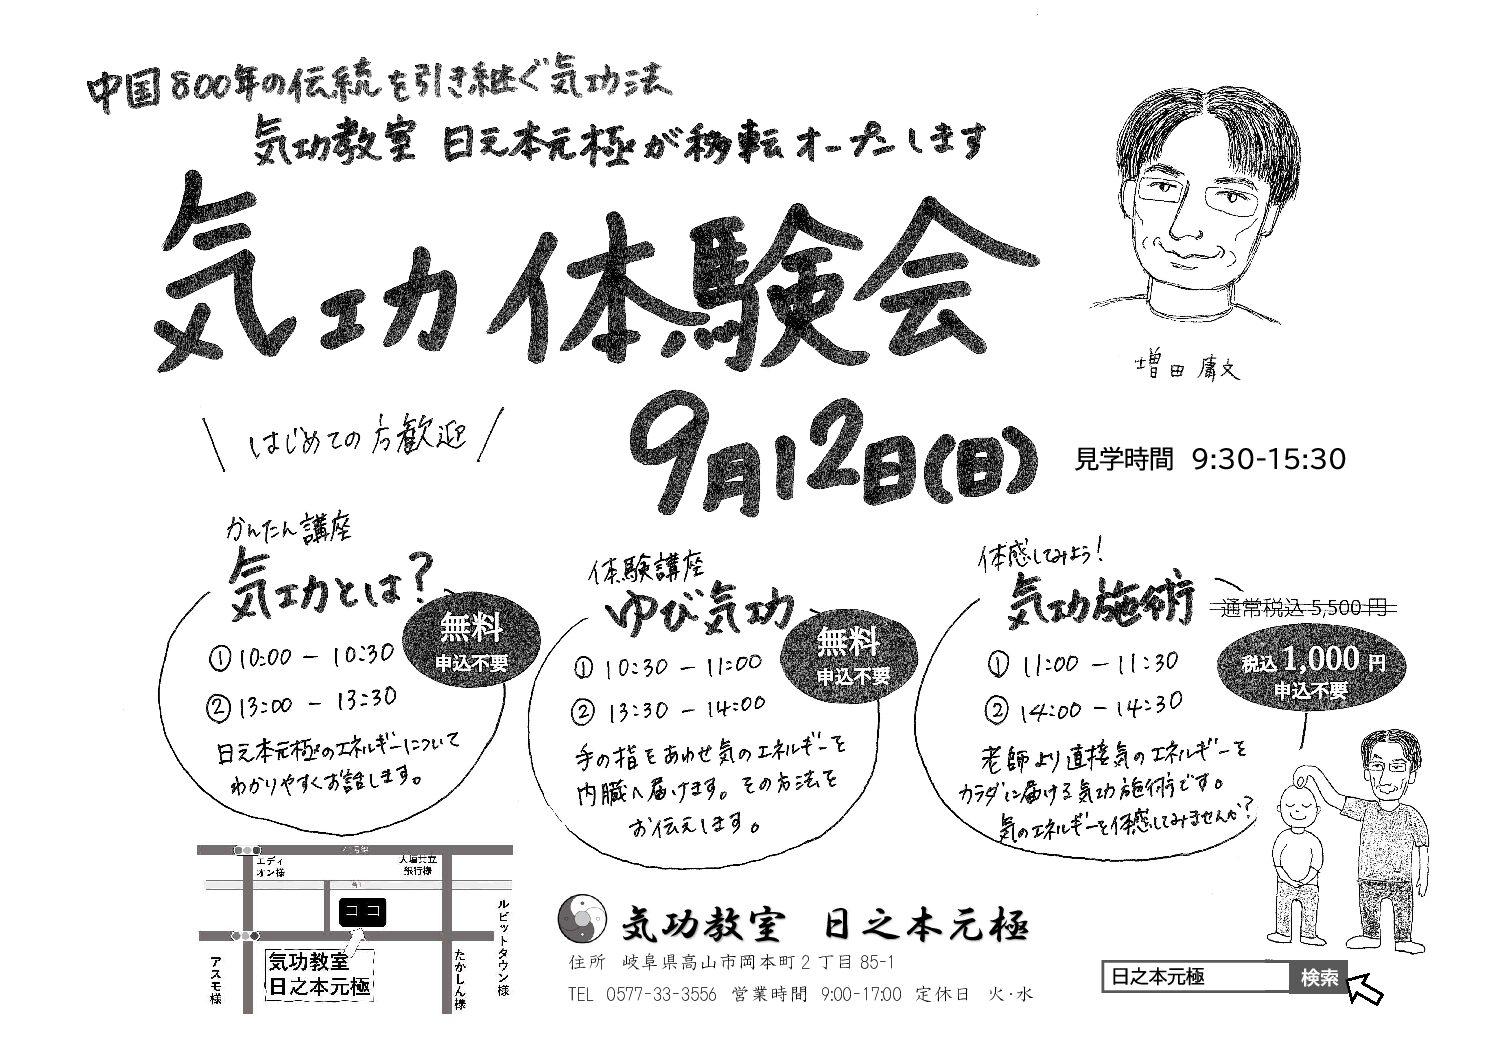 9/12(日)気功体験会